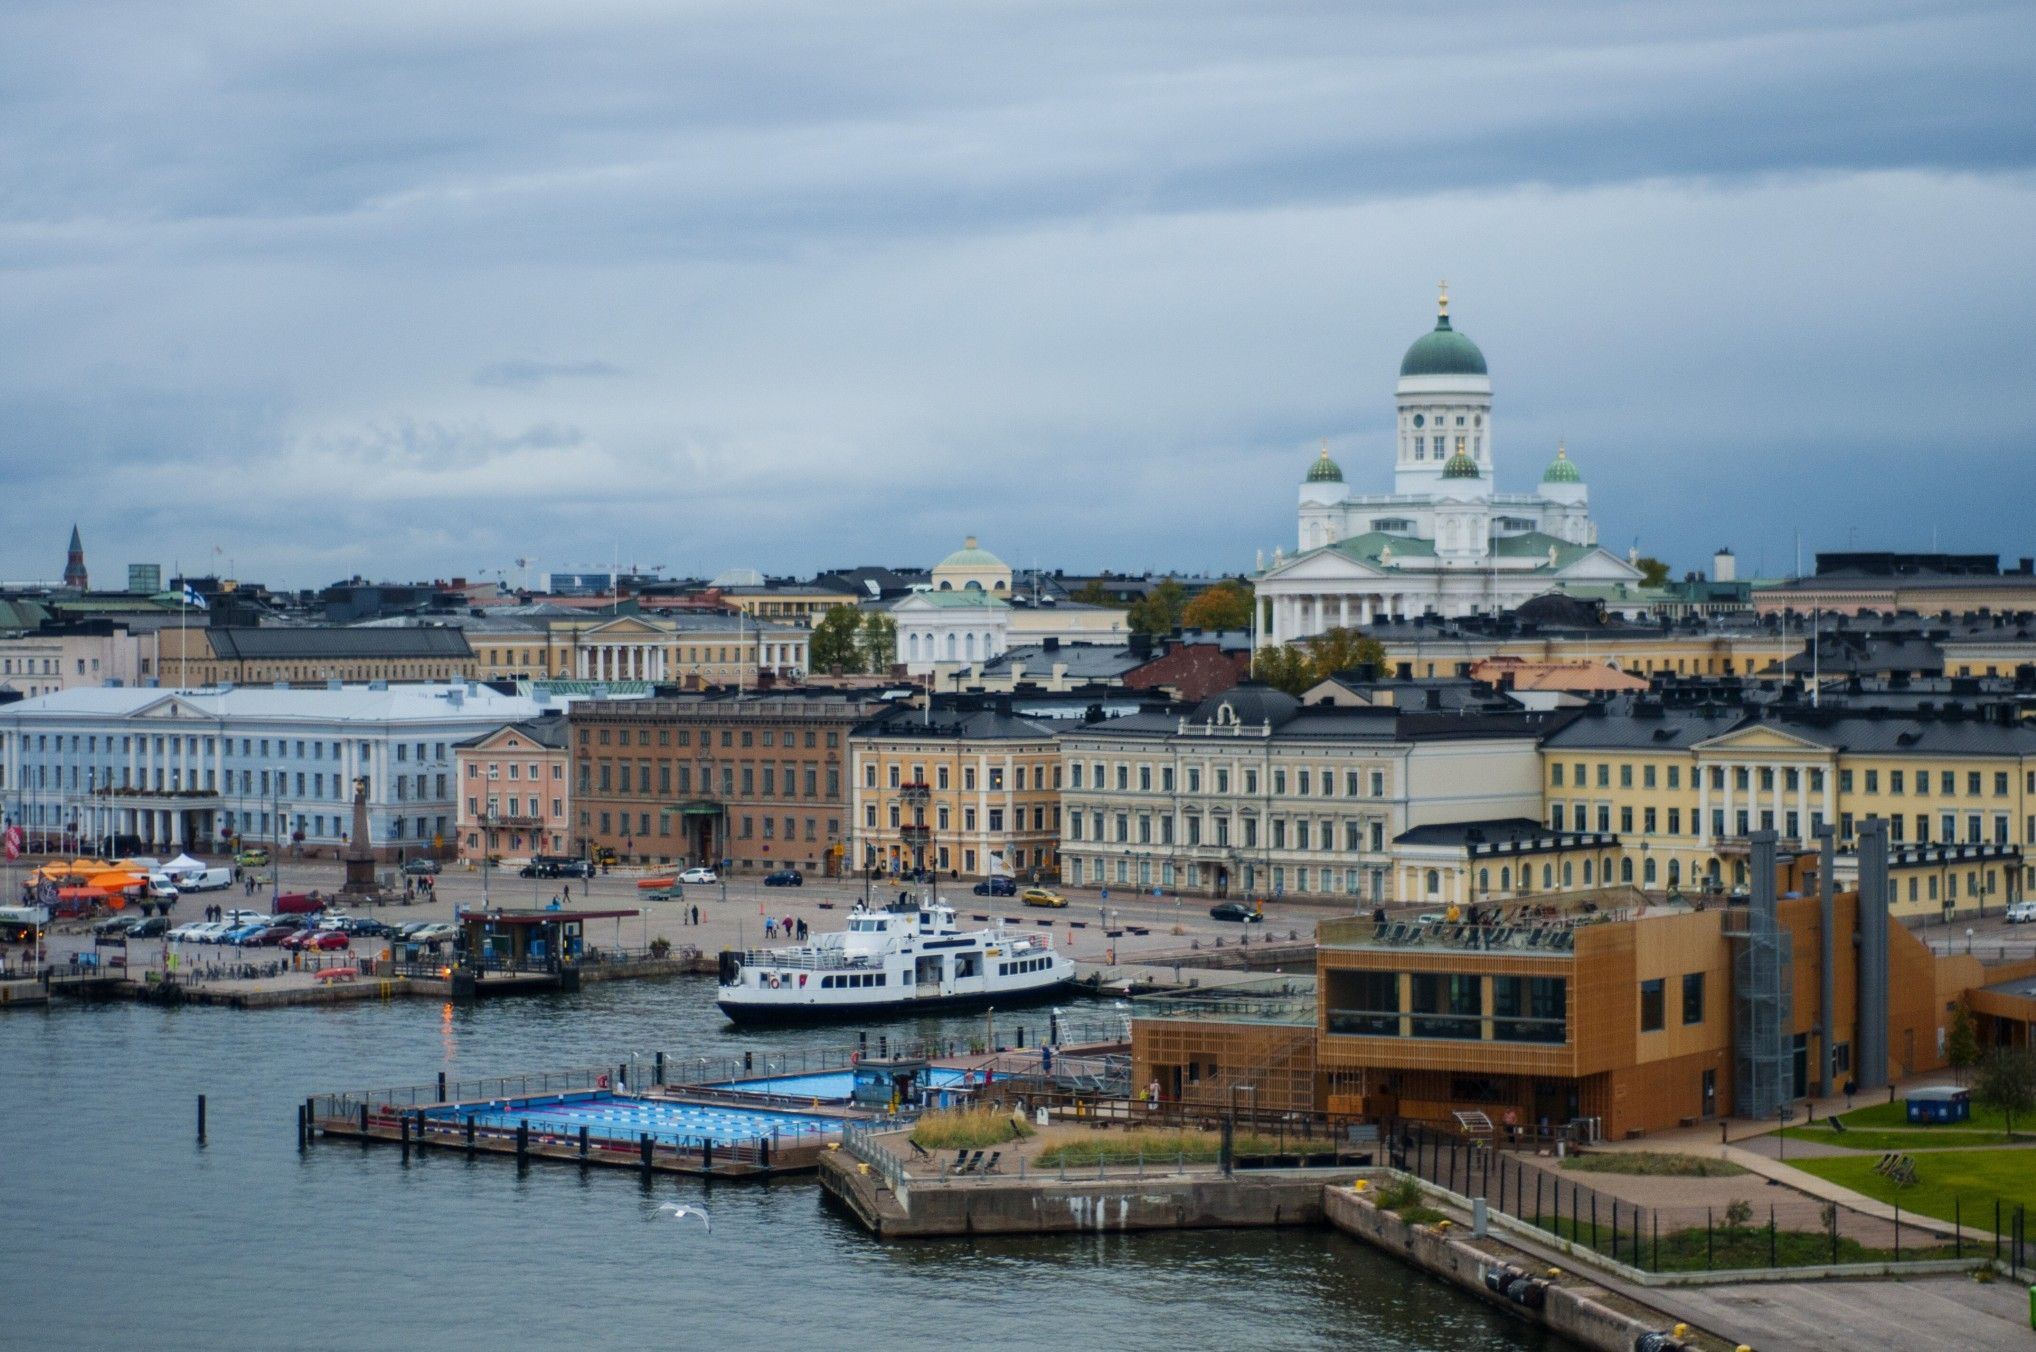 Финляндия опубликовала ставки подоходного налога на 2020 год